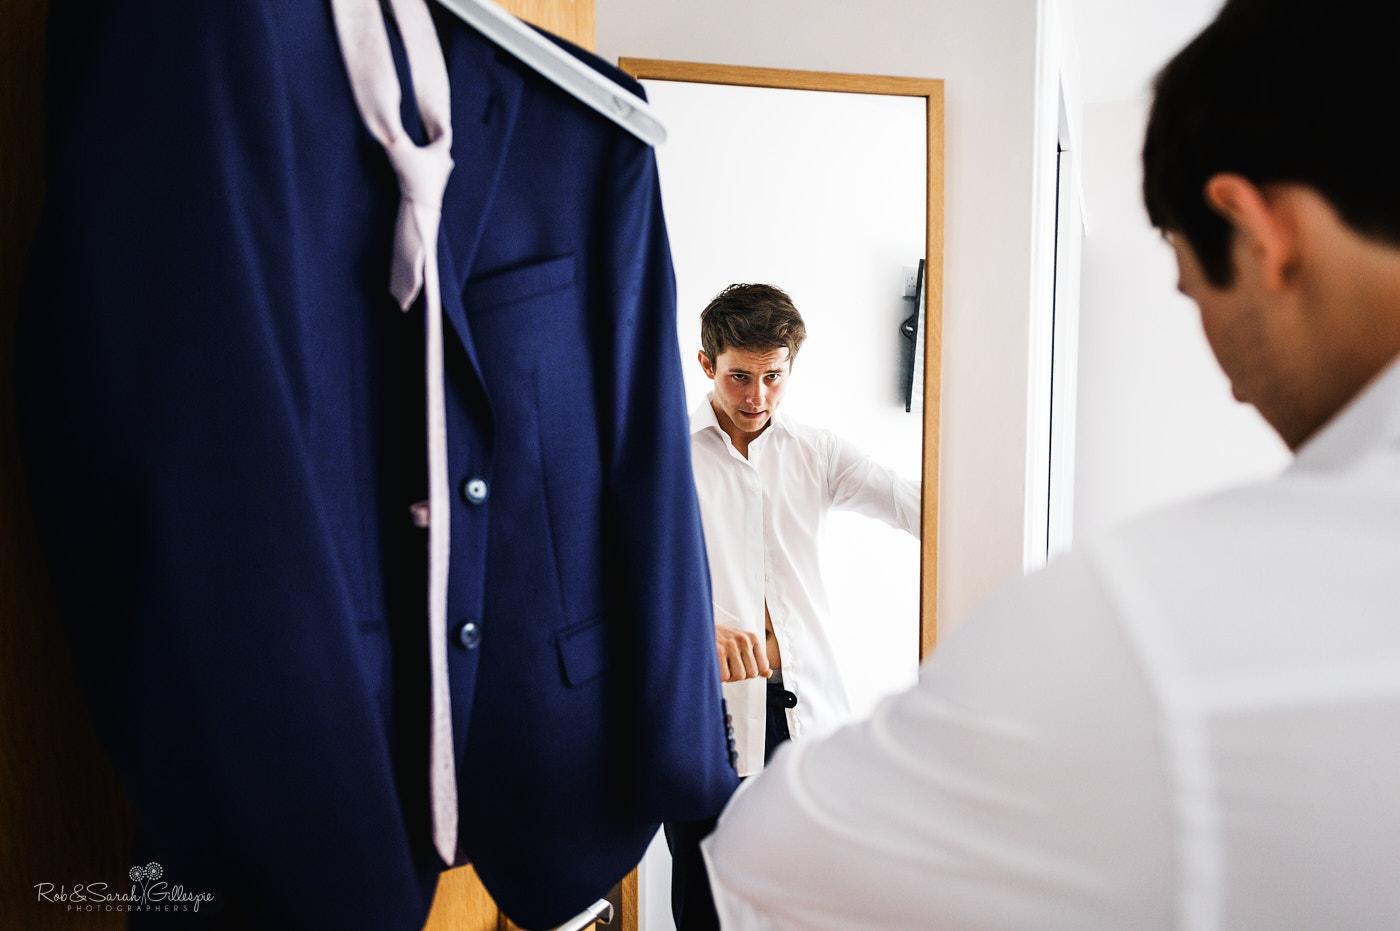 Groom looks in mirror as he prepares for wedding